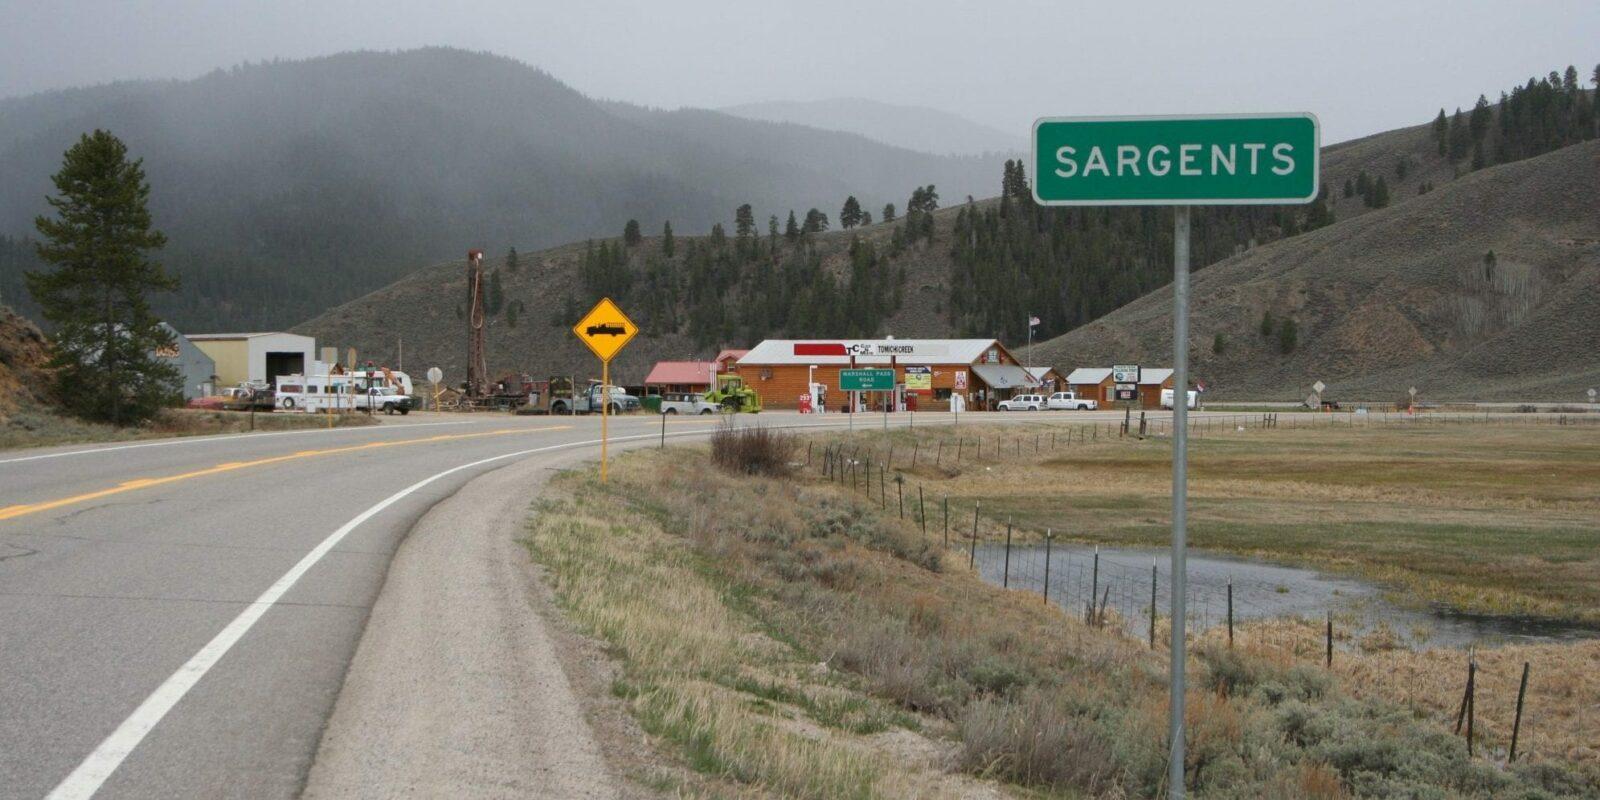 image of sargents colorado